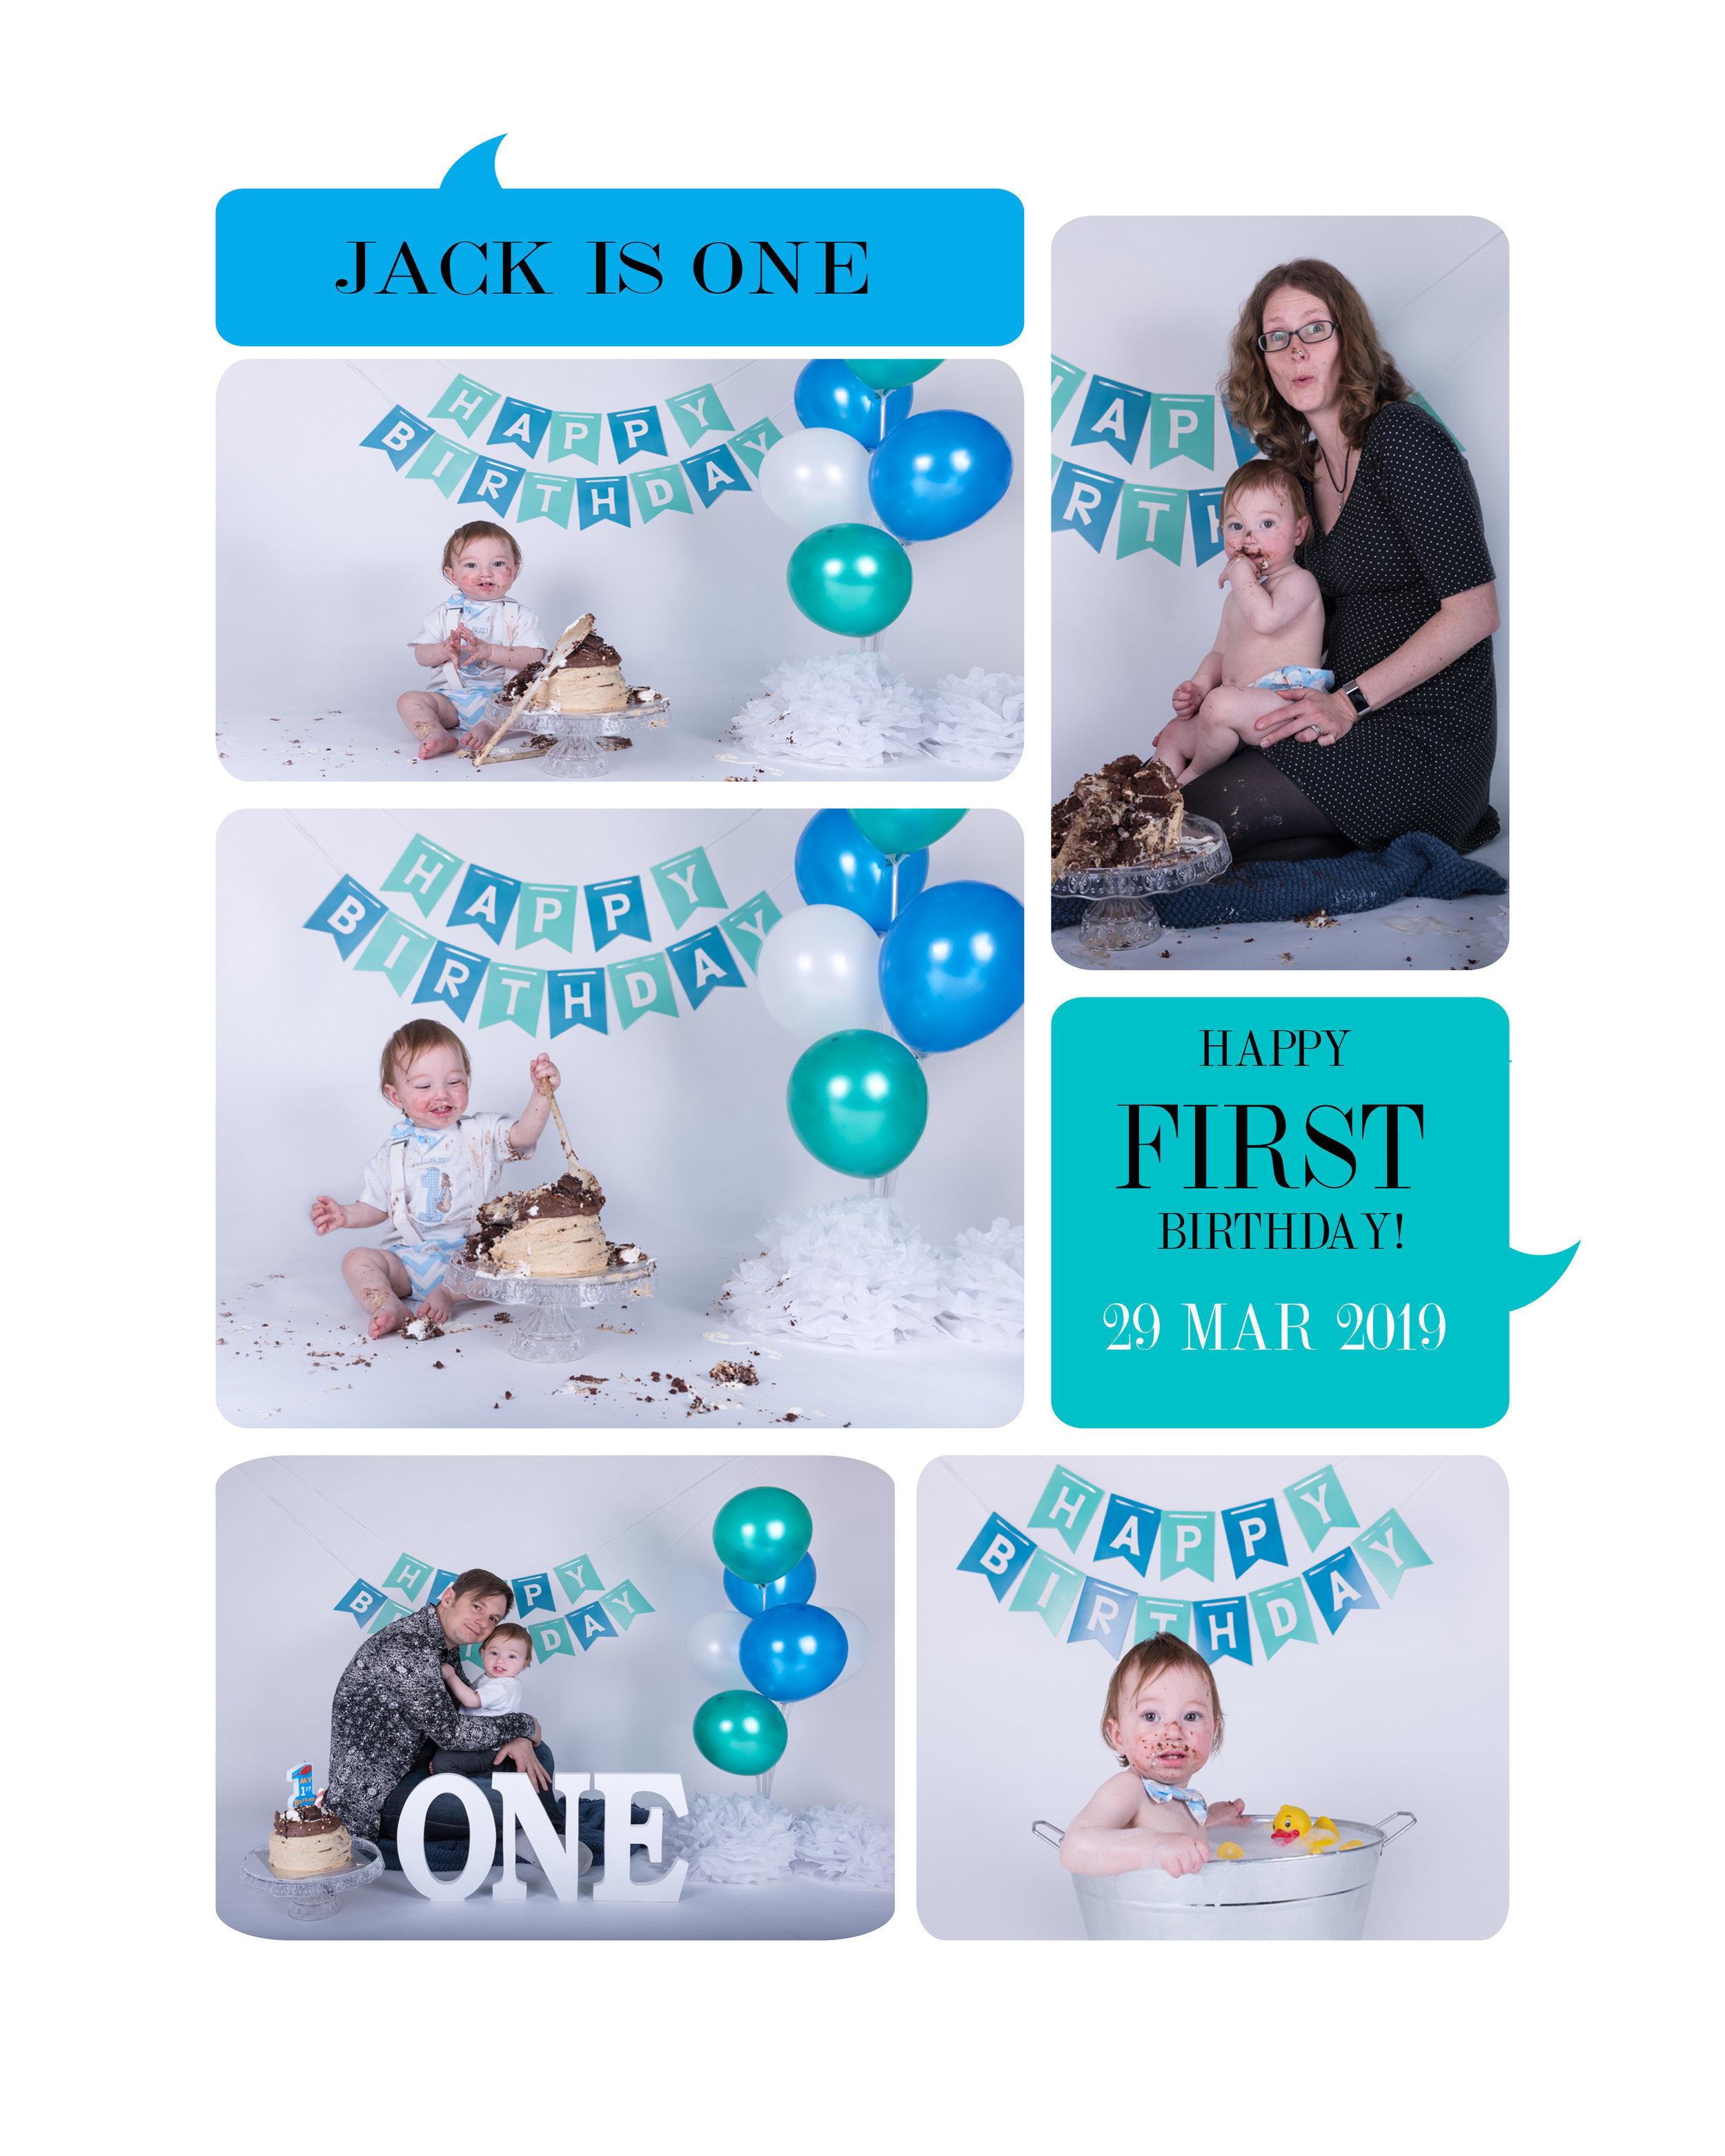 Baby Jack (12 months) Cake Smash-36.jpg